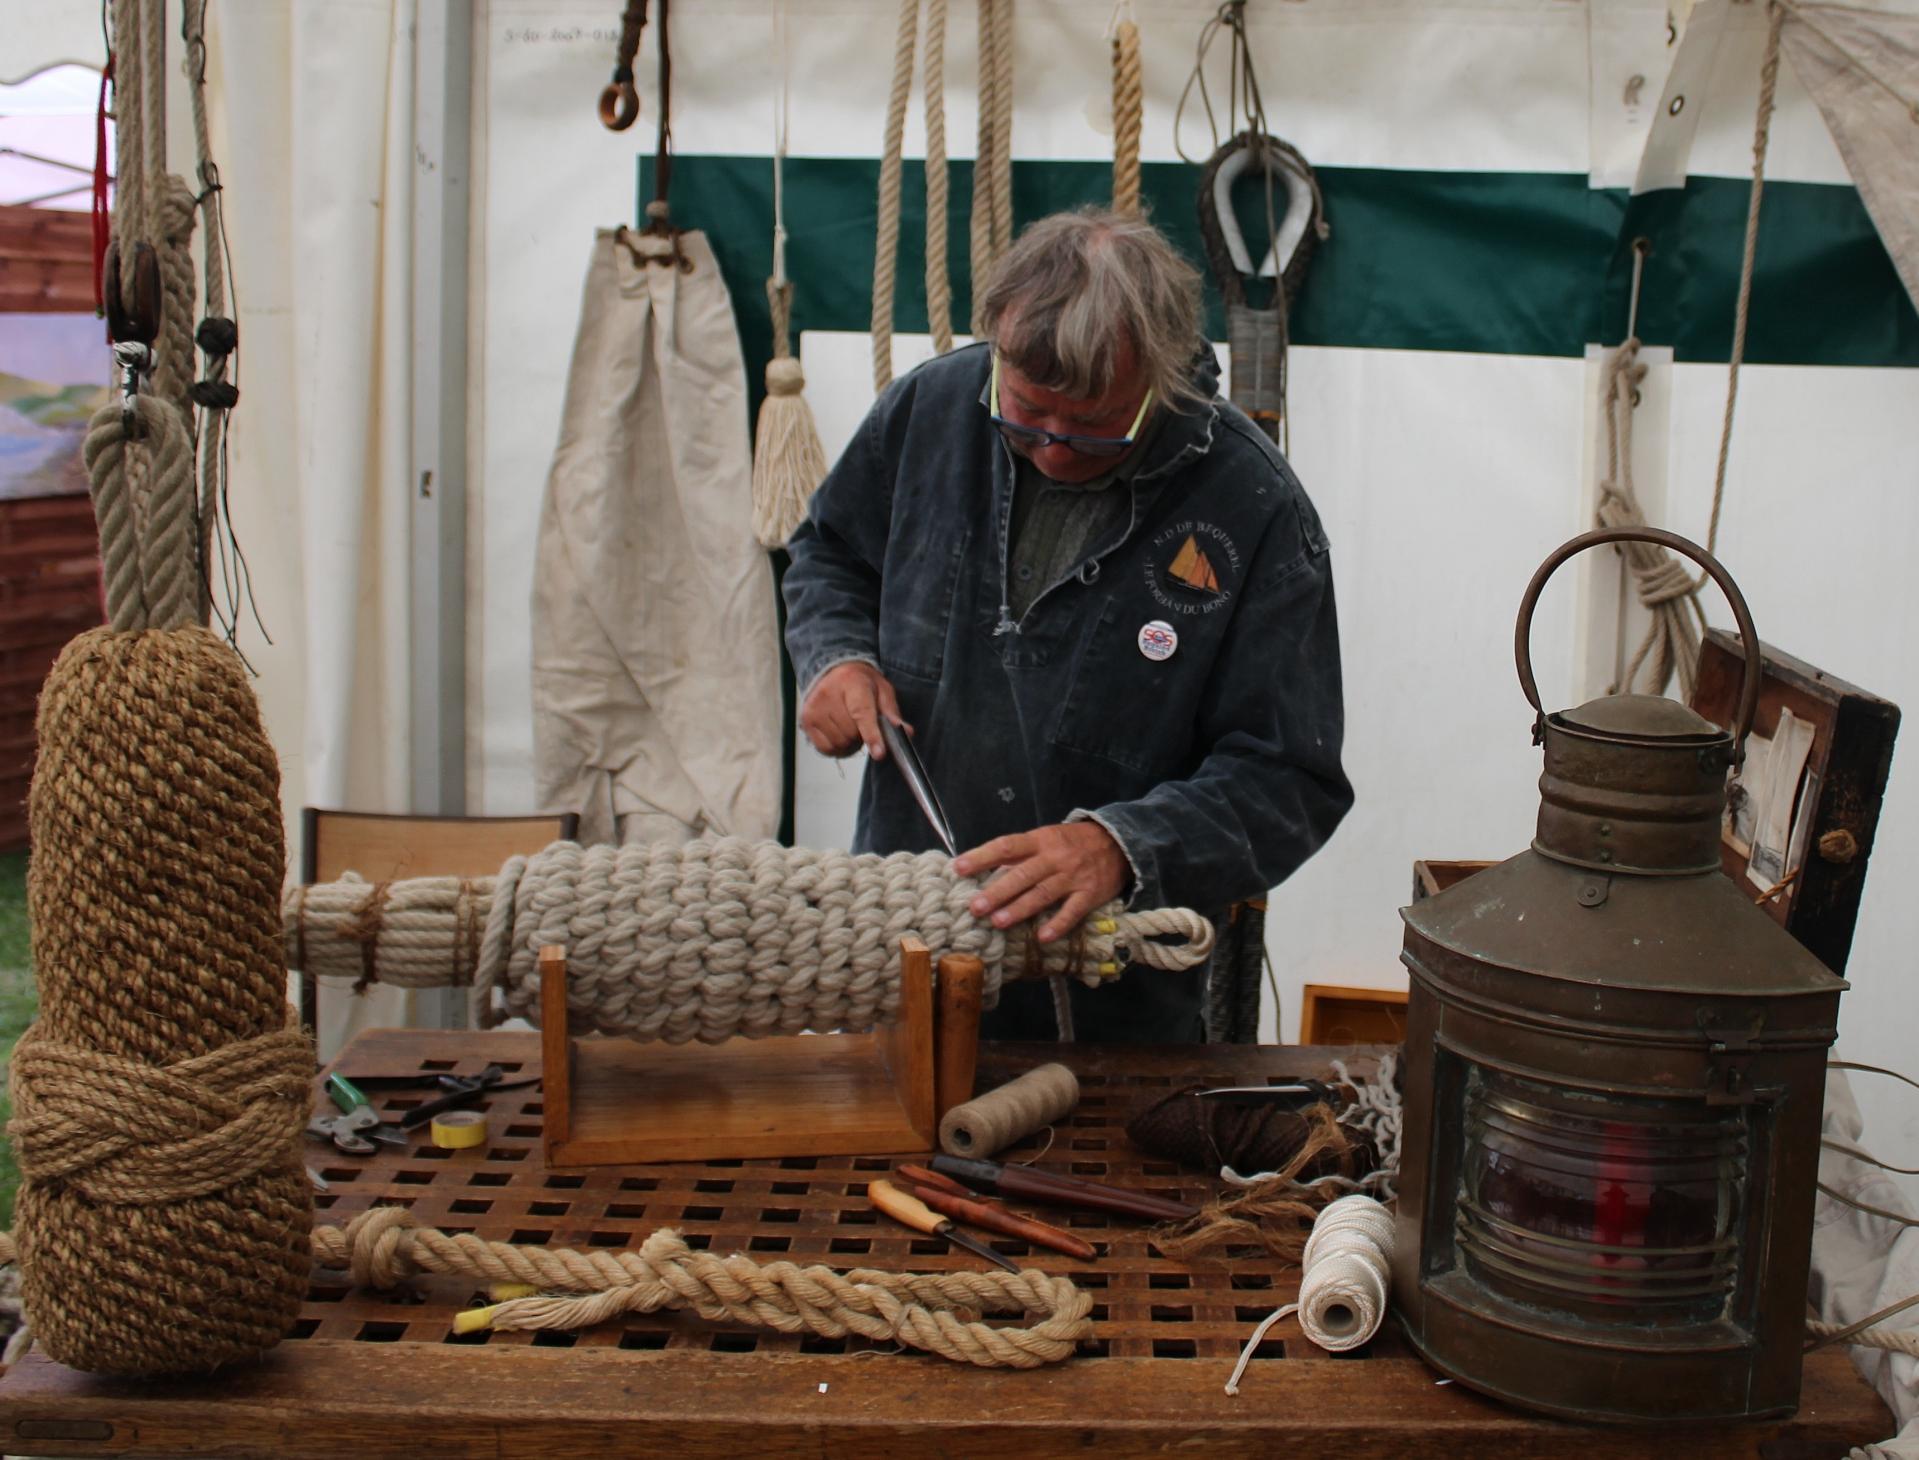 Fete des islandais hemmes de marck en calaisis travaux de matelotage calais 2